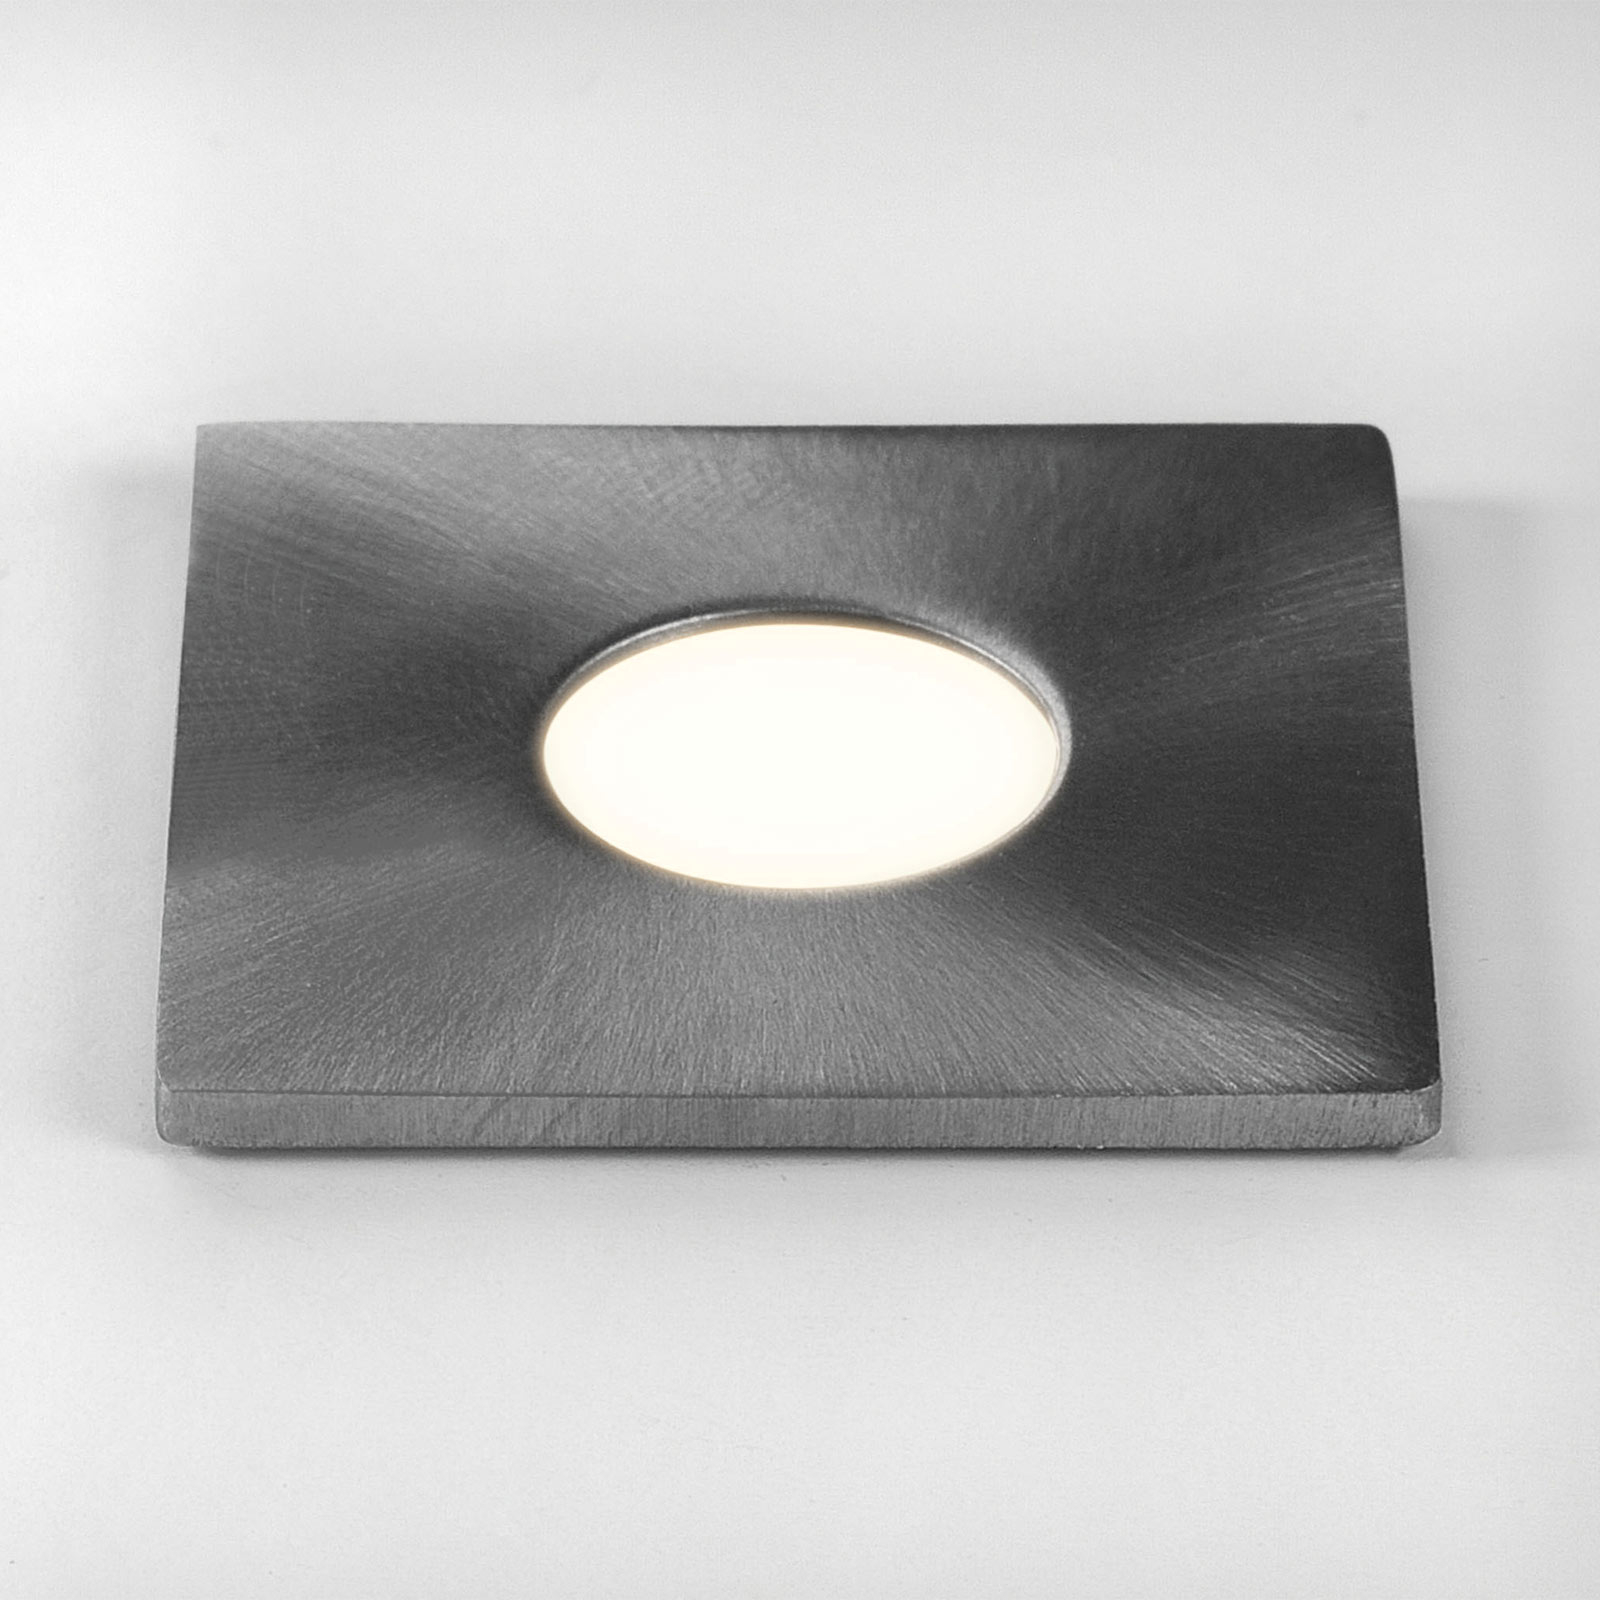 Astro Terra 28 Square lampada LED incasso, IP65